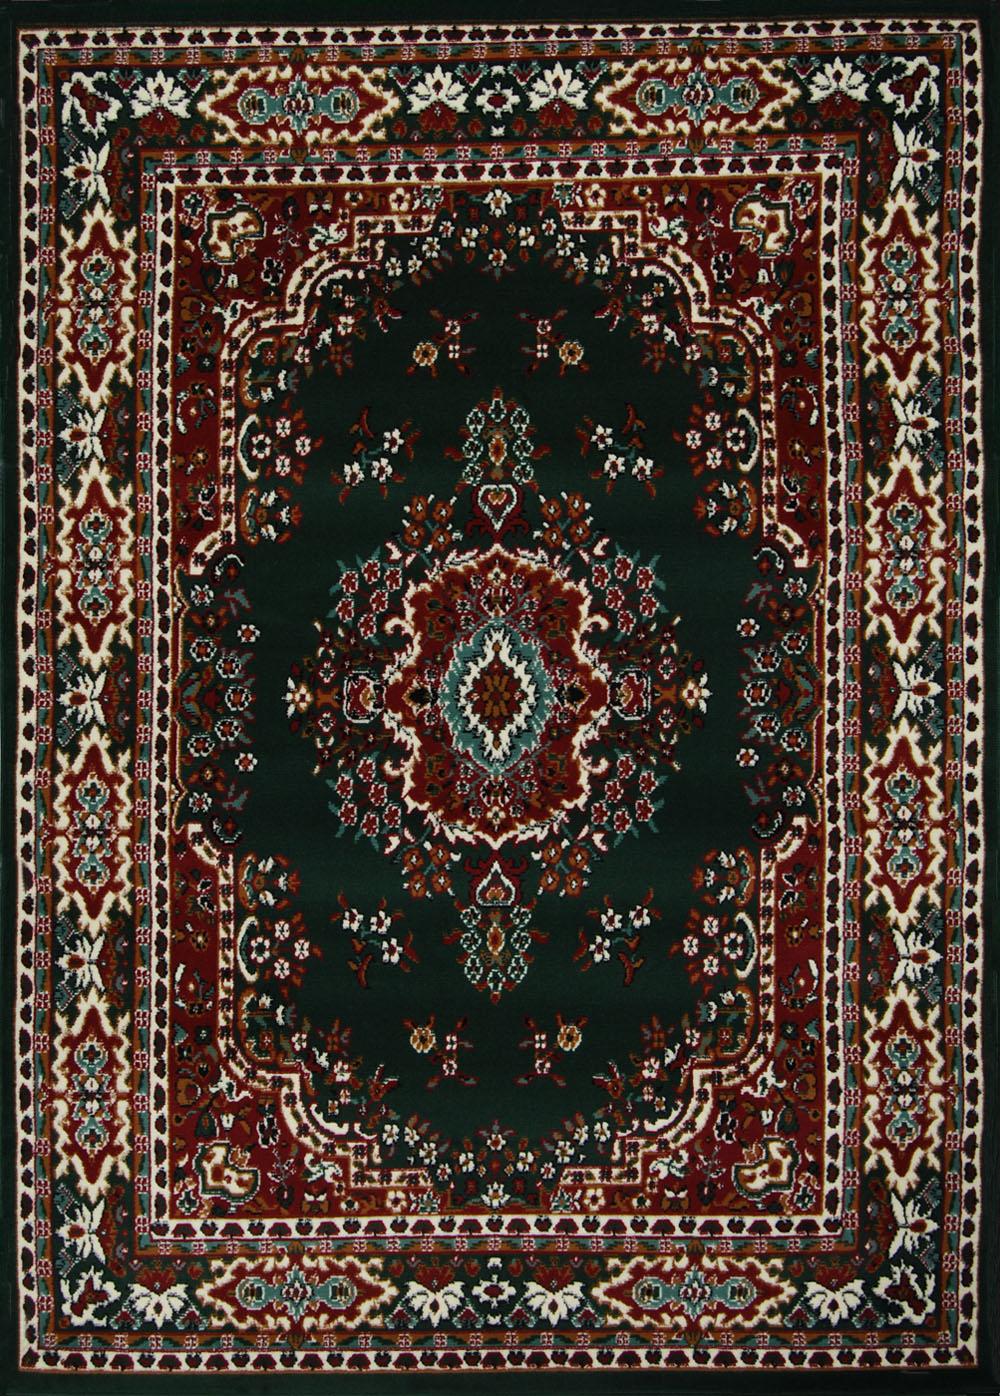 Traditional-Oriental-Medallion-Area-Rug-Persian-Style-Carpet-Runner-Mat-AllSizes thumbnail 11